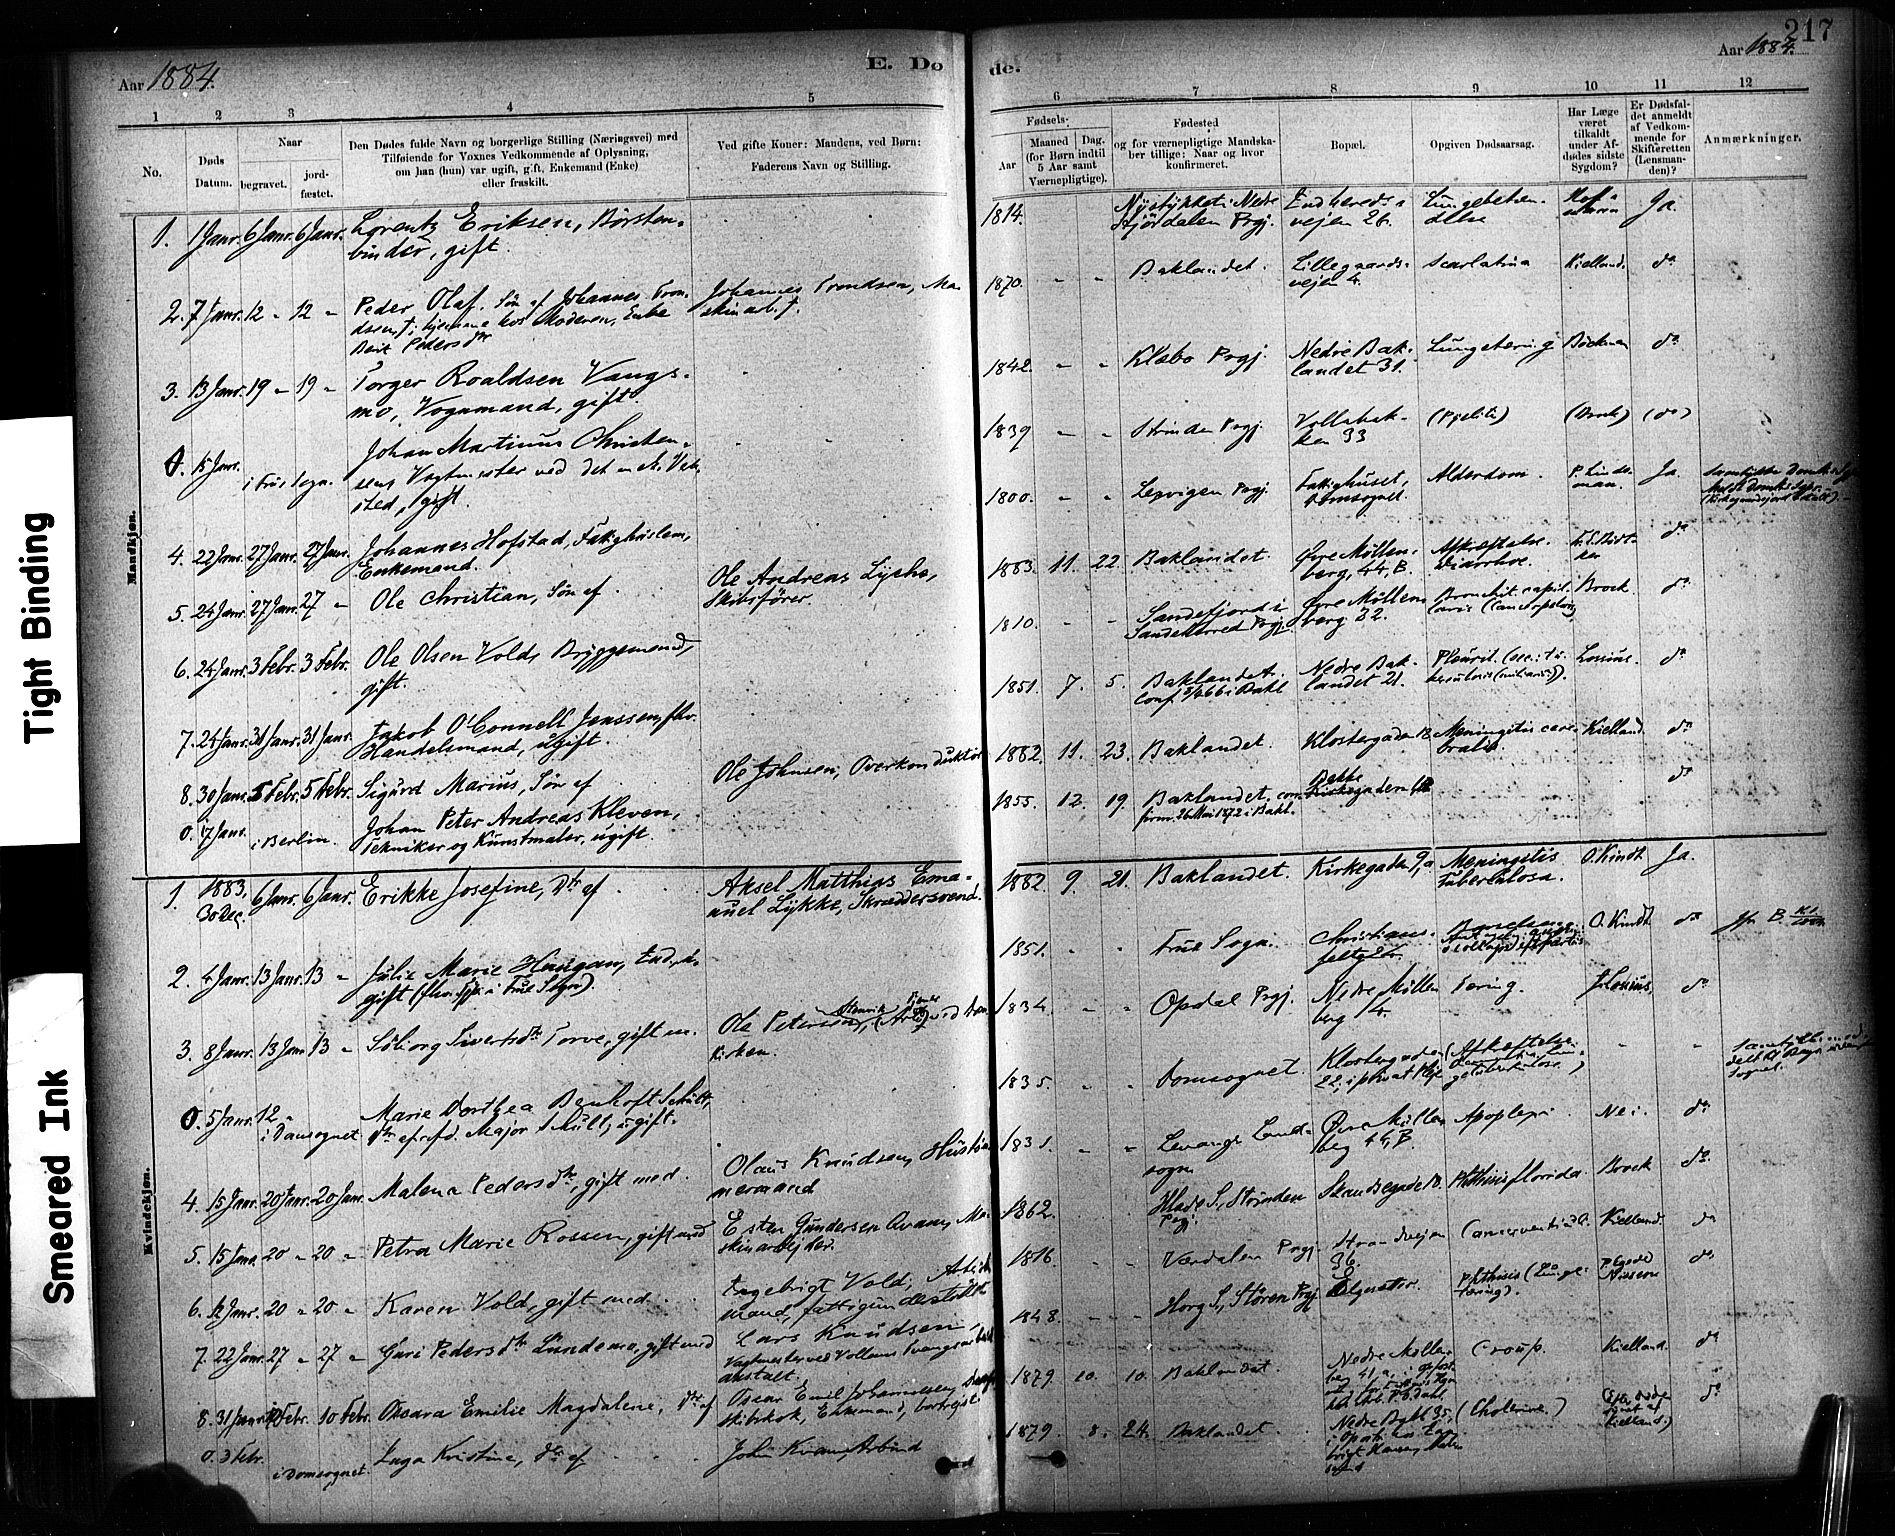 SAT, Ministerialprotokoller, klokkerbøker og fødselsregistre - Sør-Trøndelag, 604/L0189: Ministerialbok nr. 604A10, 1878-1892, s. 217